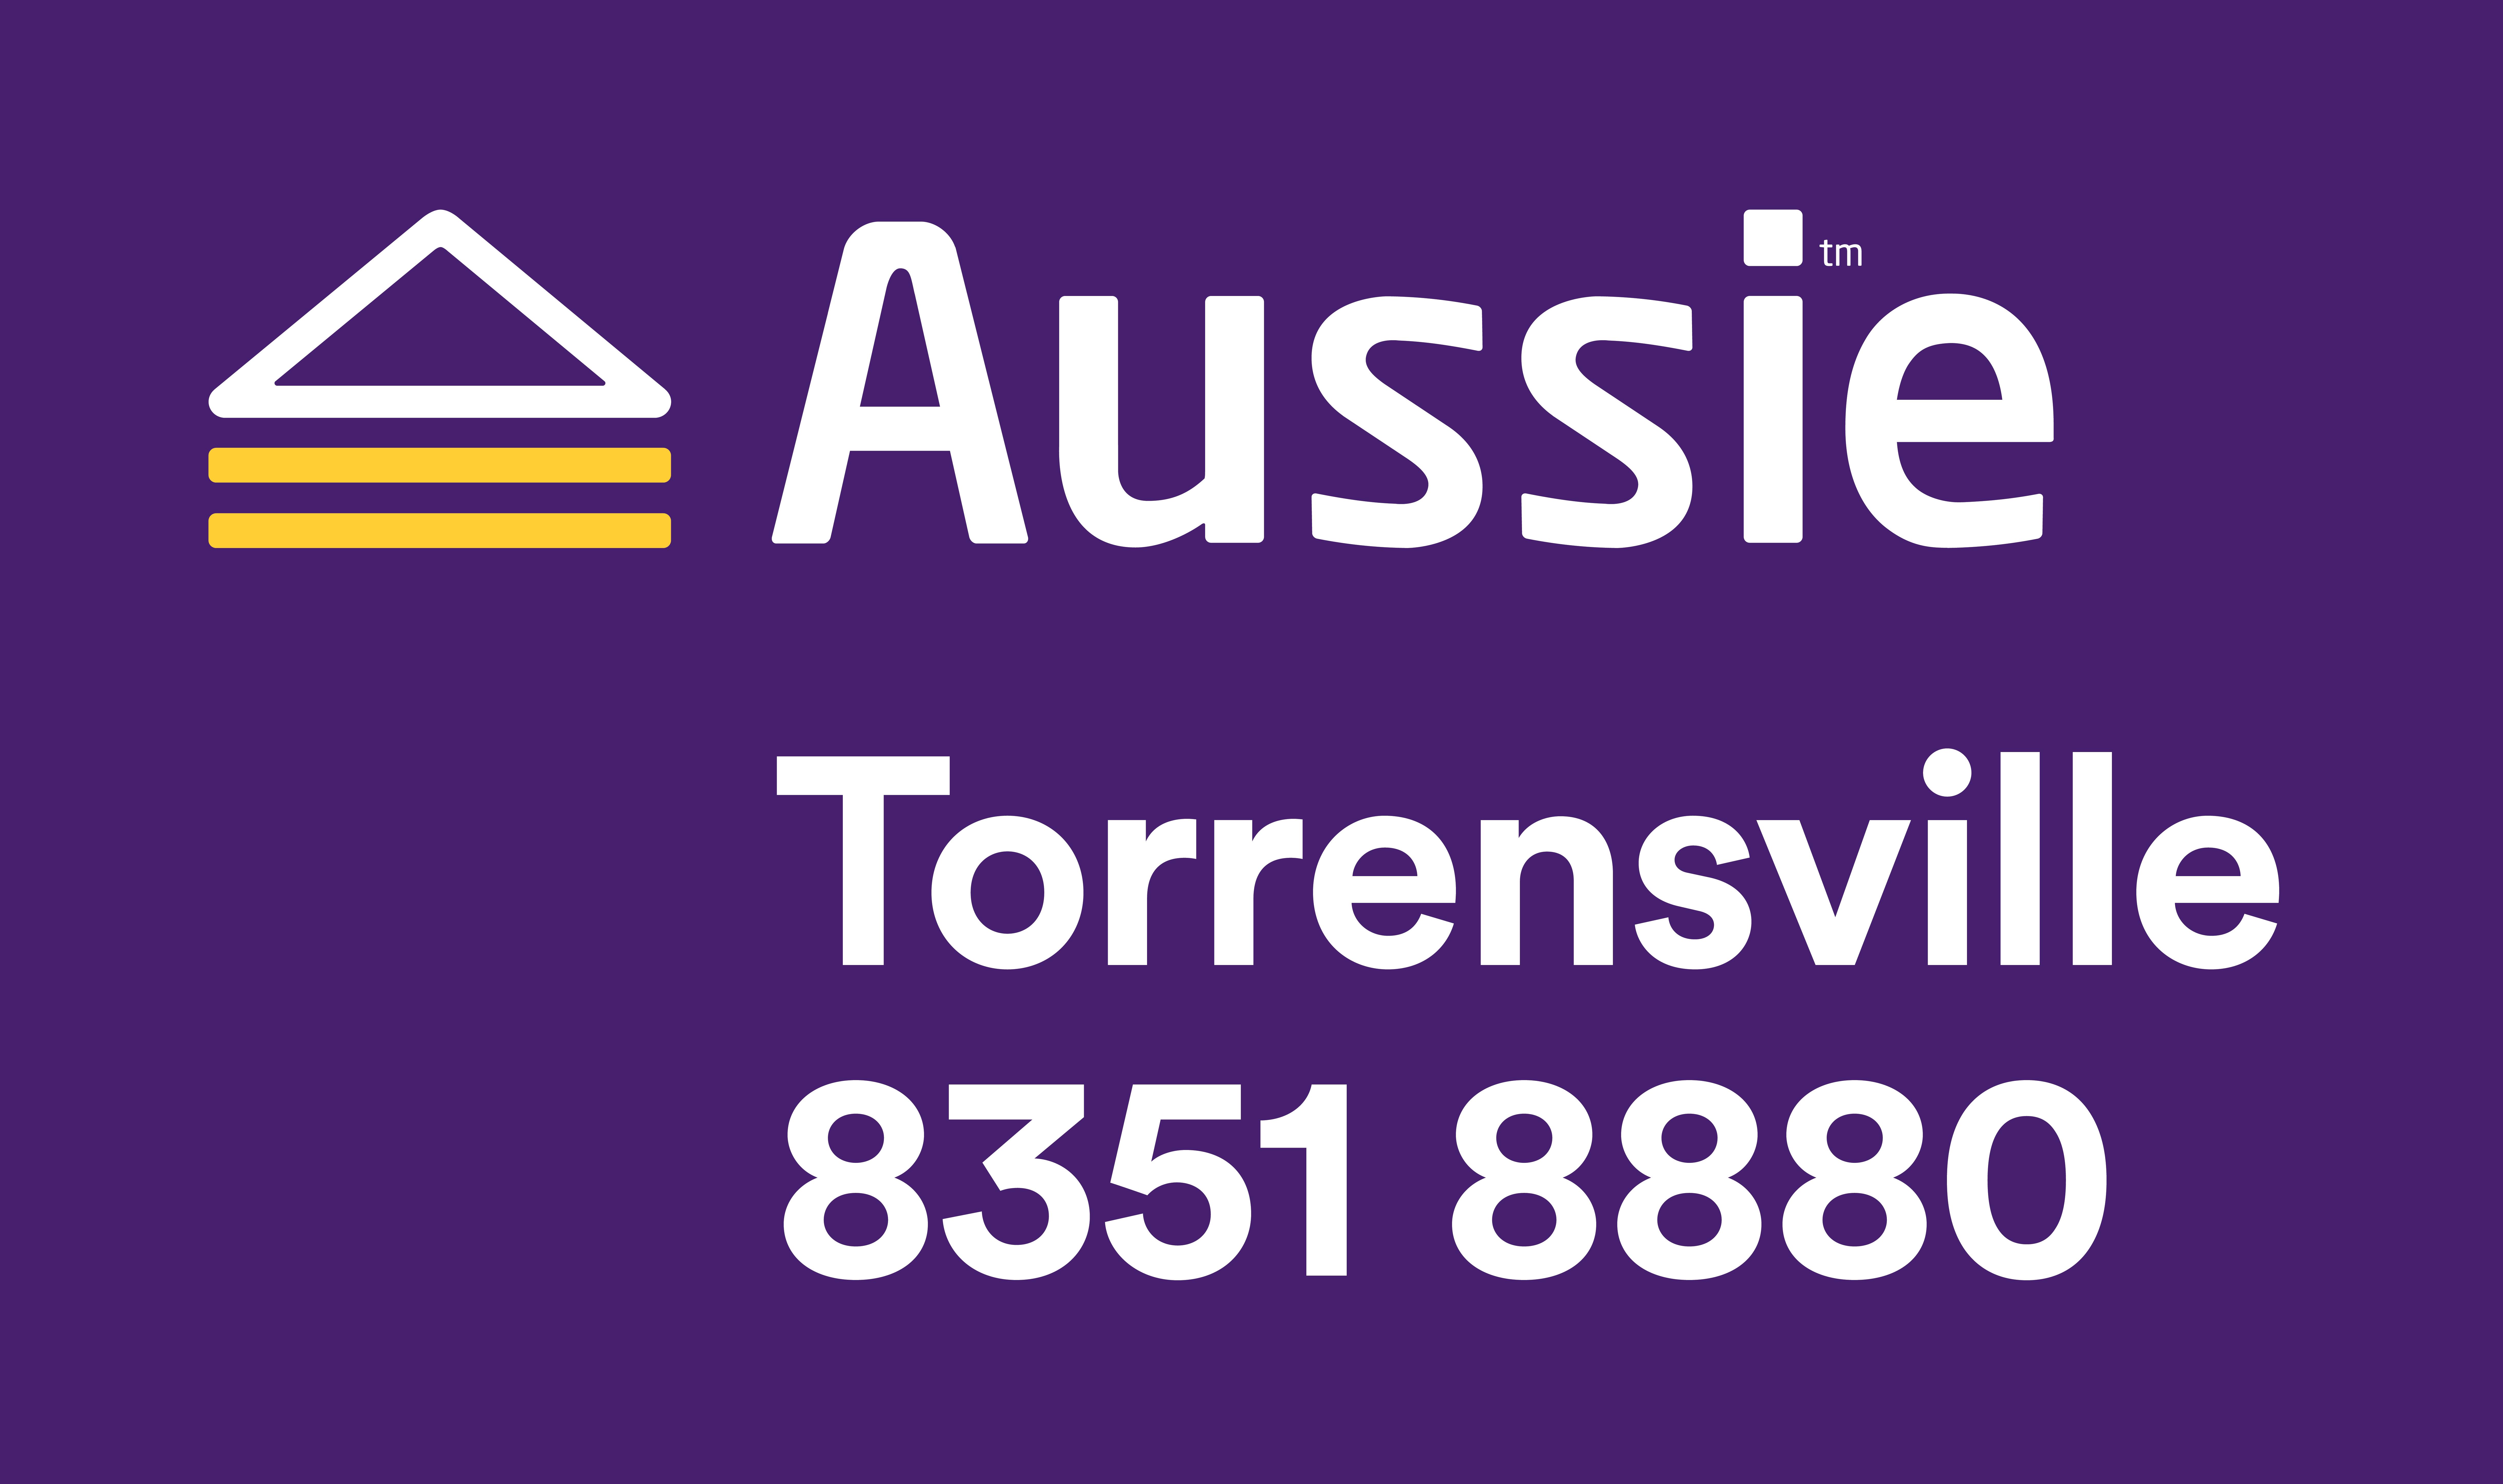 Aussie Torrensville